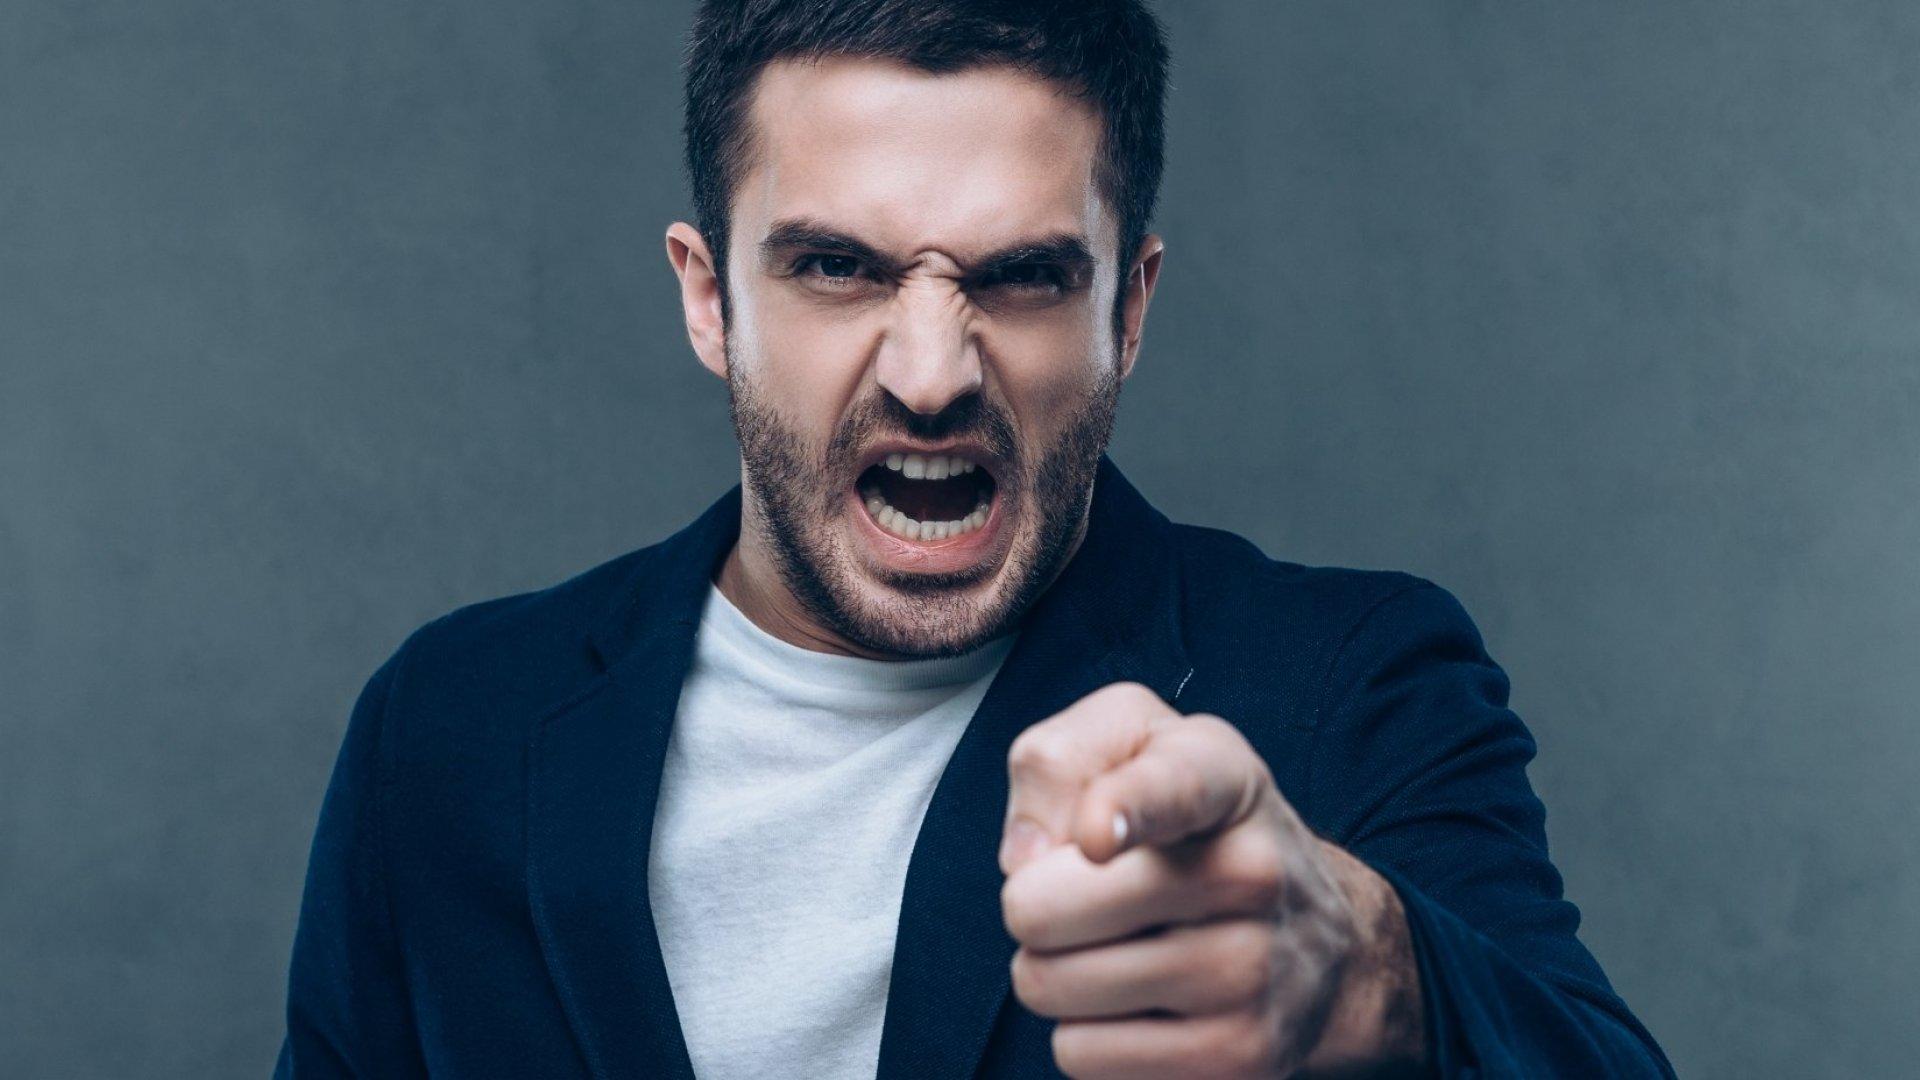 Επιθετικότητα ένταση: Πώς να ελέγχεις το θυμό σου [pic, vid]